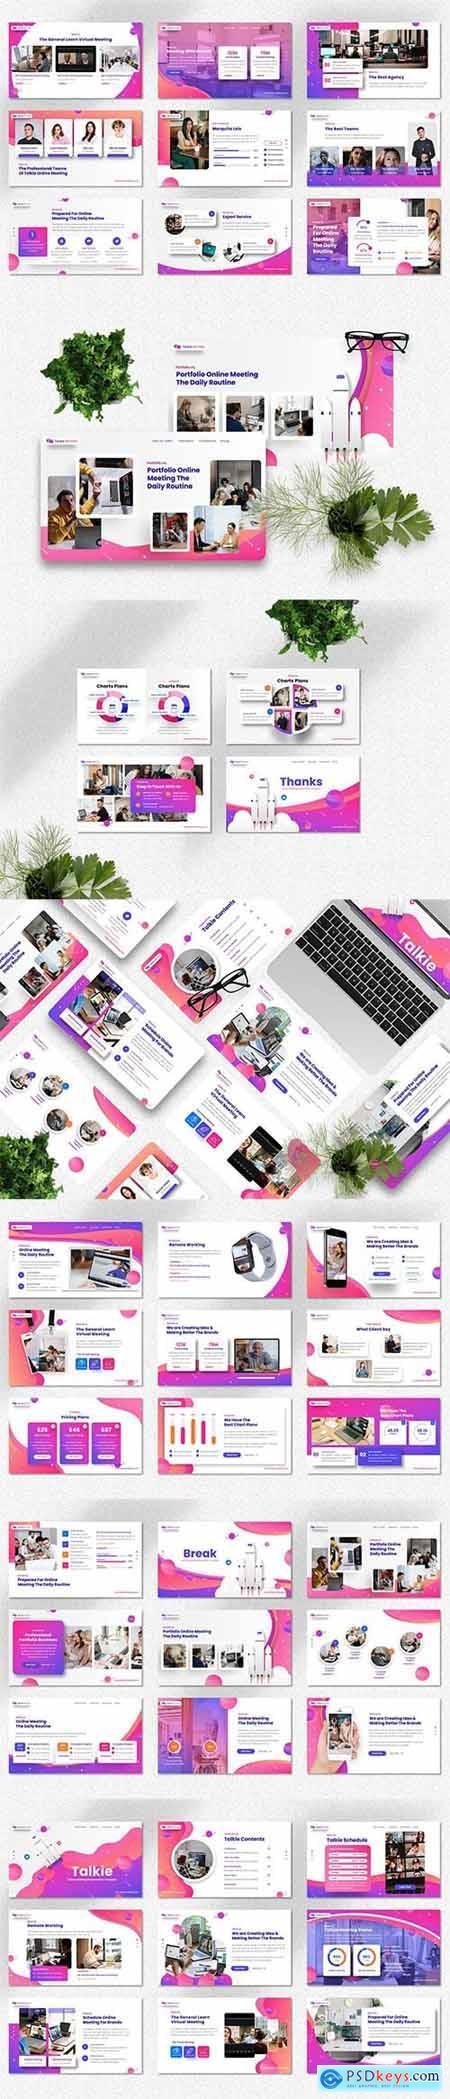 Talkie - Online Meeting - Powerpoint, Keynote and Google Slides Template